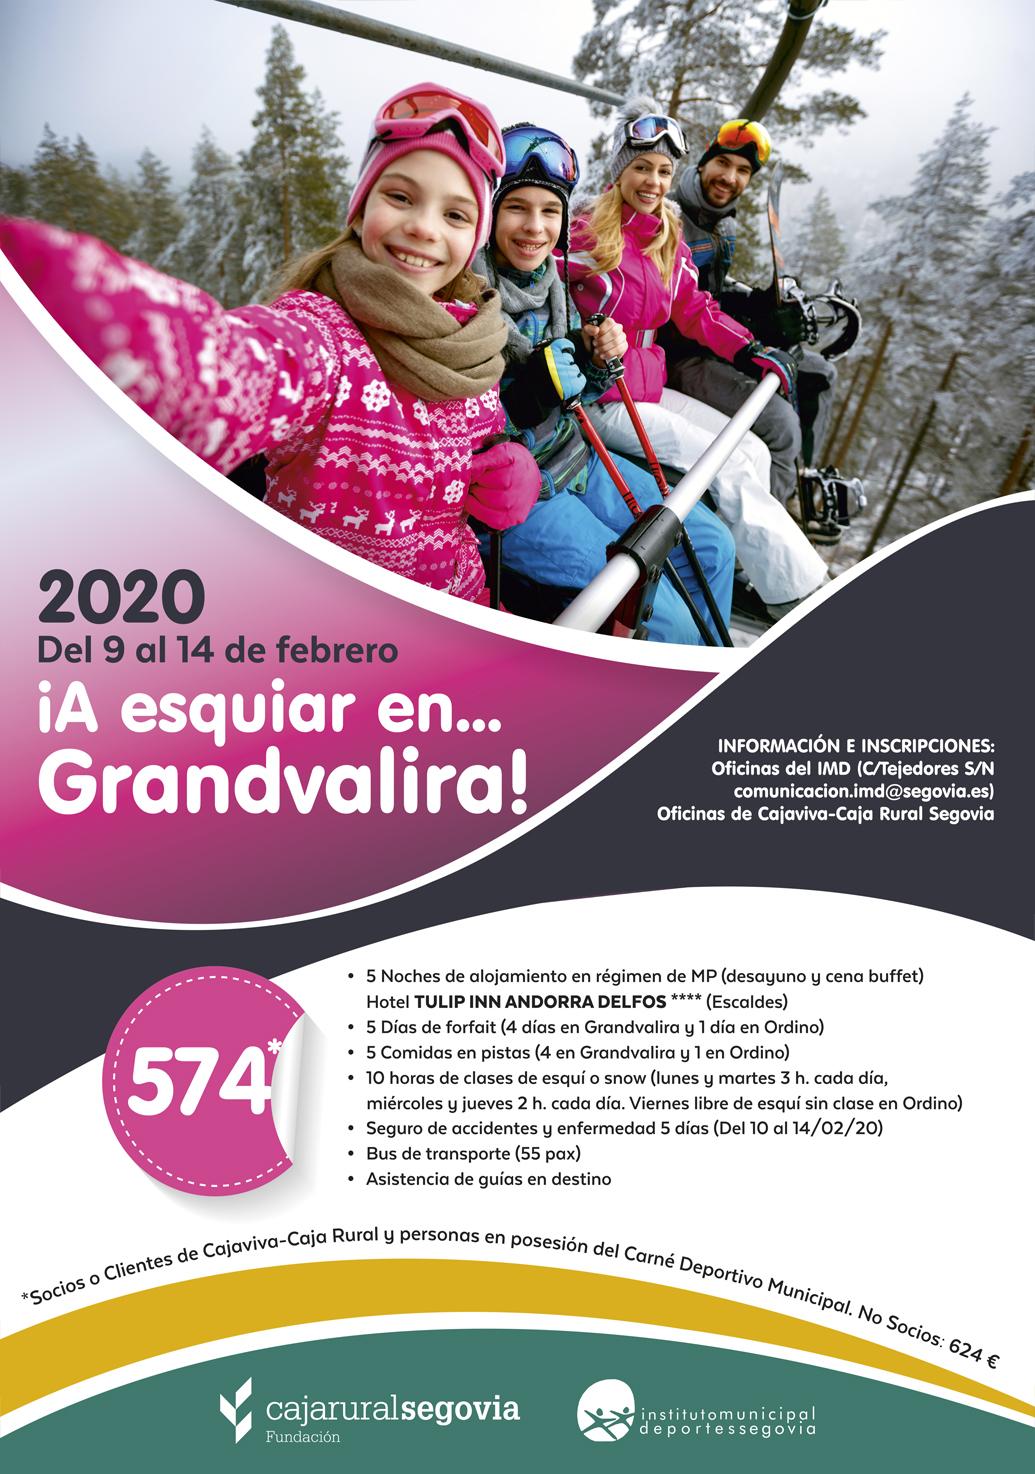 El IMD pone en marcha la Campaña de Esquí Alpino 2020